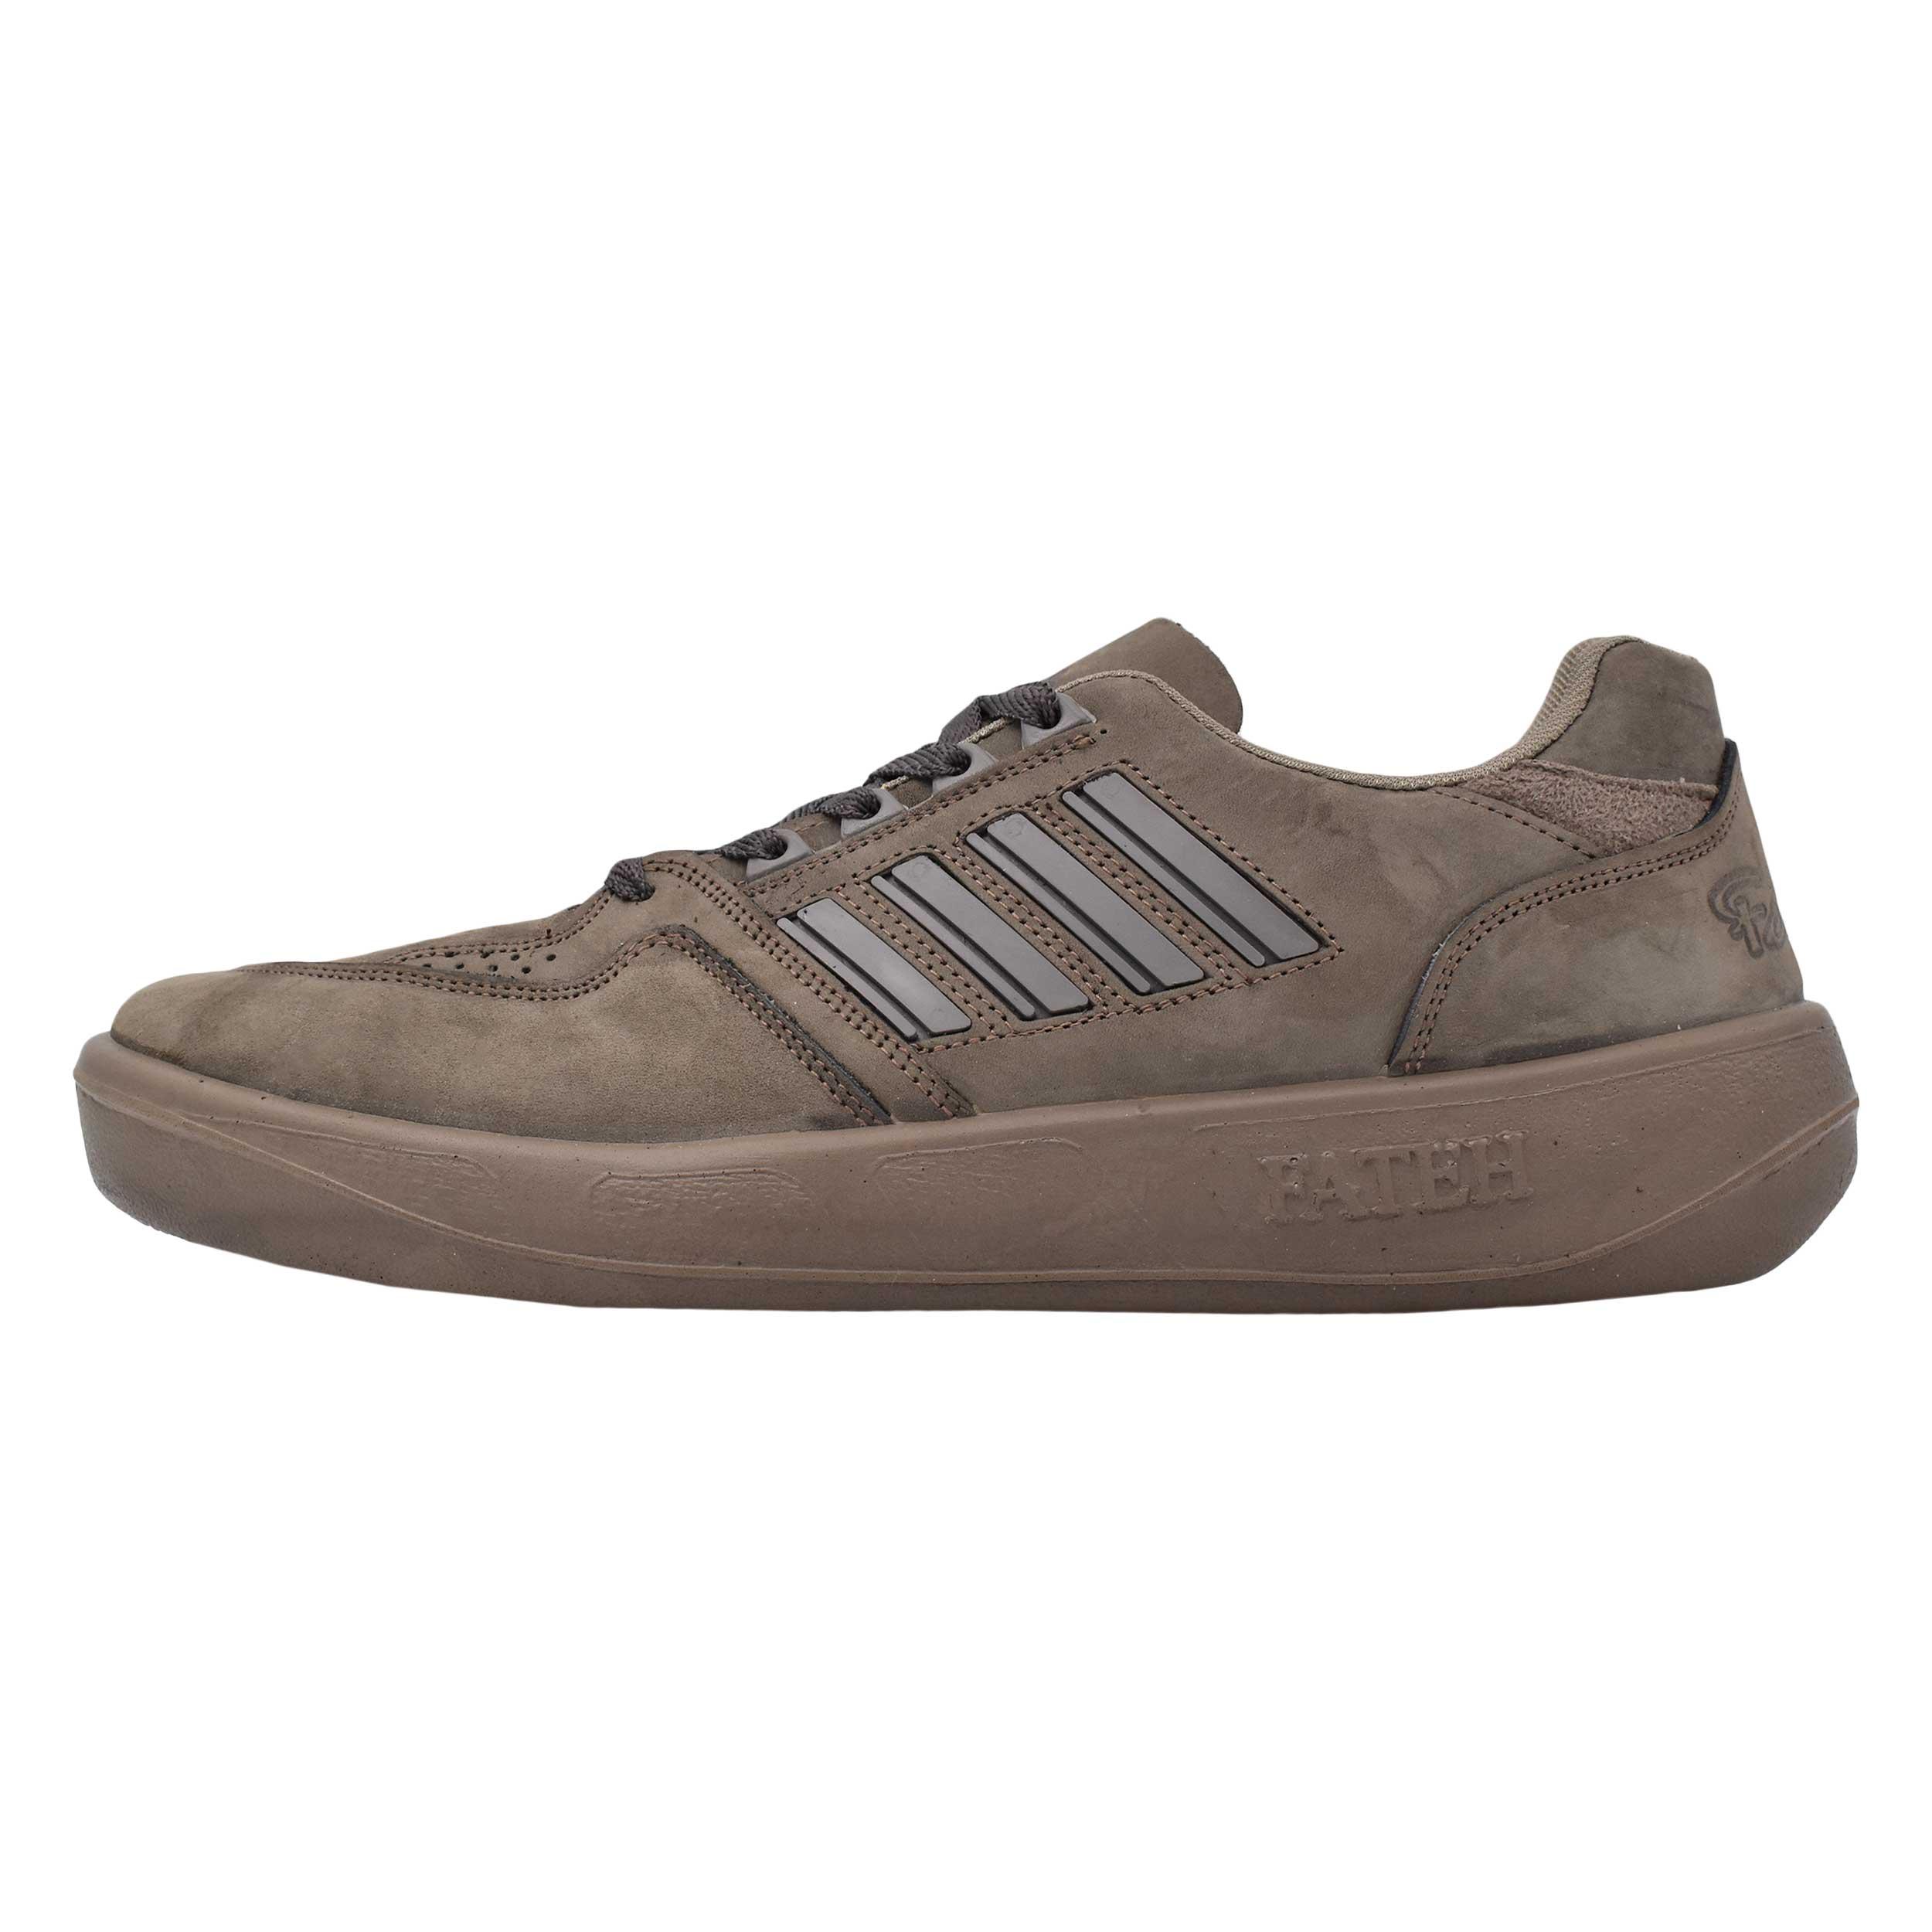 کفش روزمره مردانه فاتح مدل سنتر کد 7697